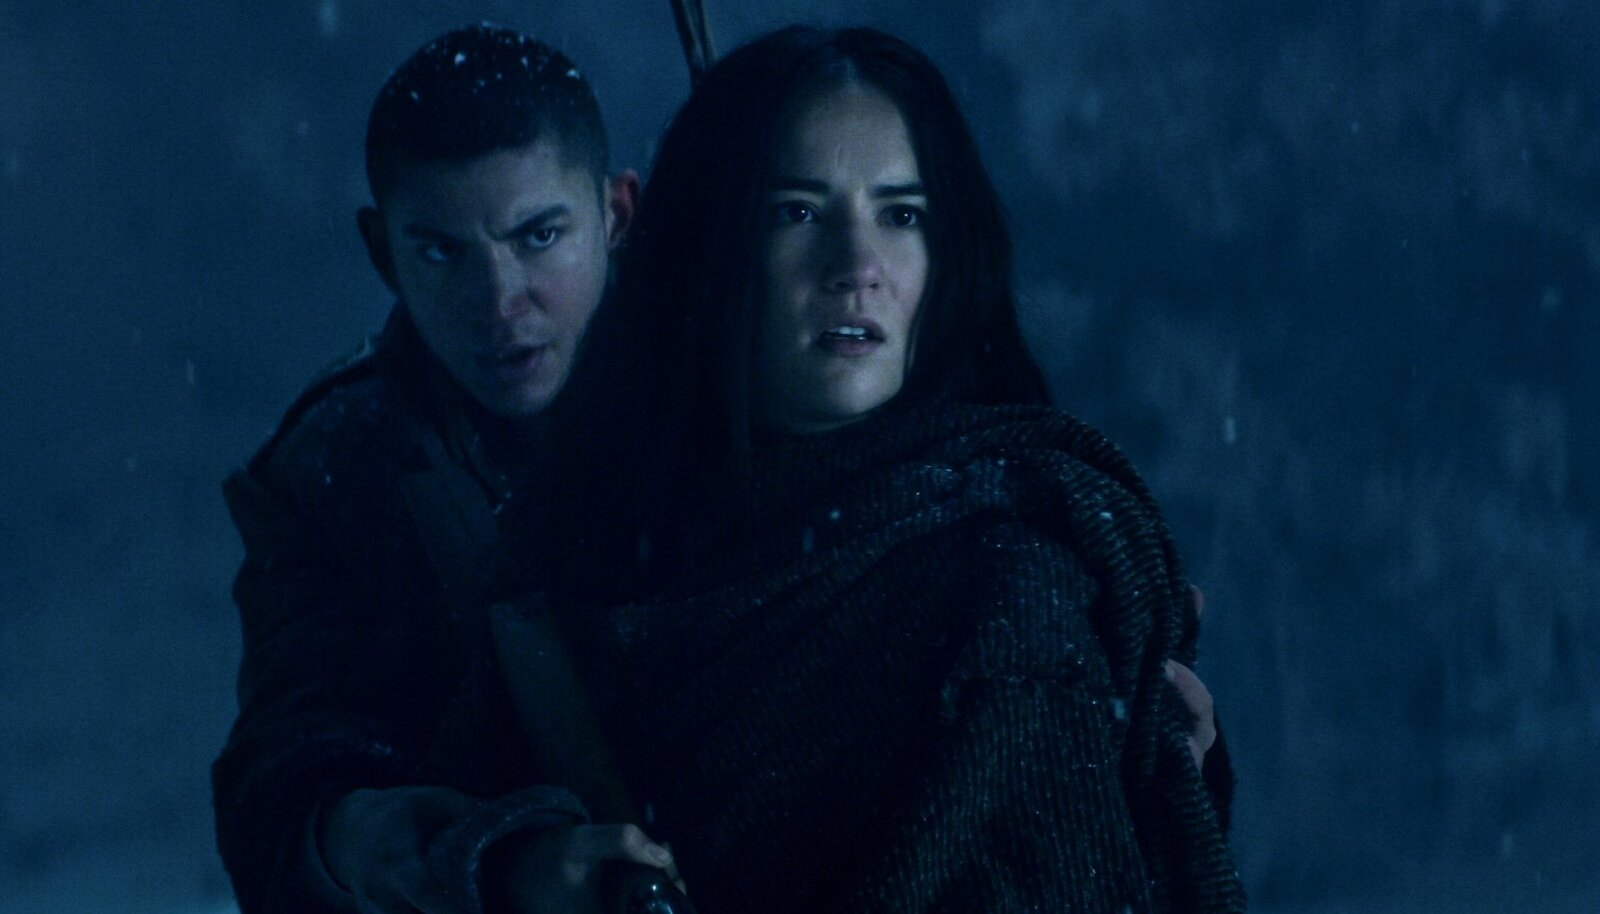 TEENIVAD RAVKA ESIMESES ARMEES: Alina Starkov (Jessie Mei Li) ja Mal Oretsev (Archie Renaux).